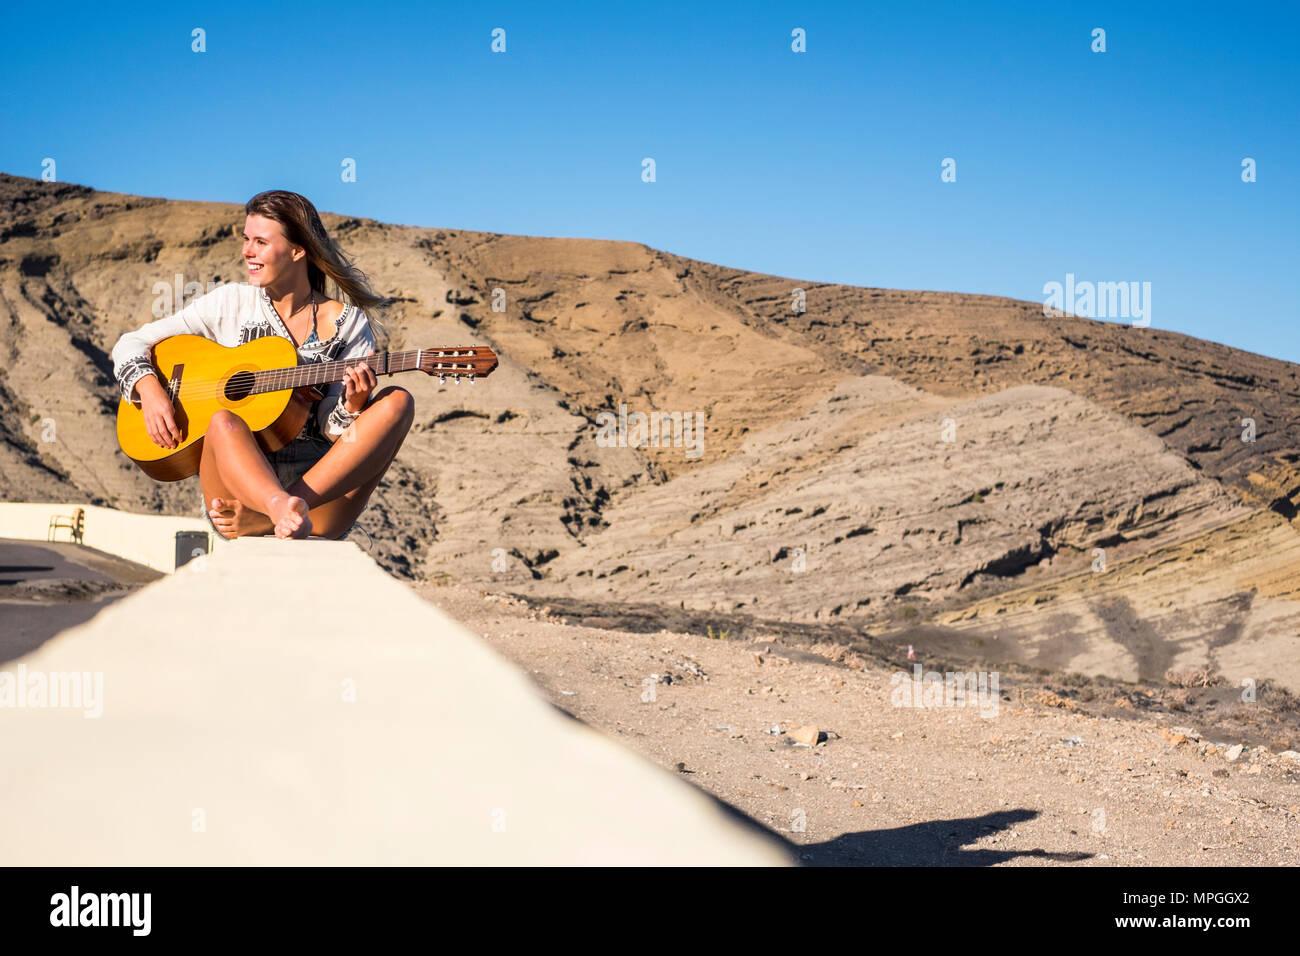 Scattante e uno stile di vita alternativo concept per il biondo modello caucasico sorridente outdoor con le montagne sullo sfondo e la riproduzione di una vecchia chitarra acustica Immagini Stock